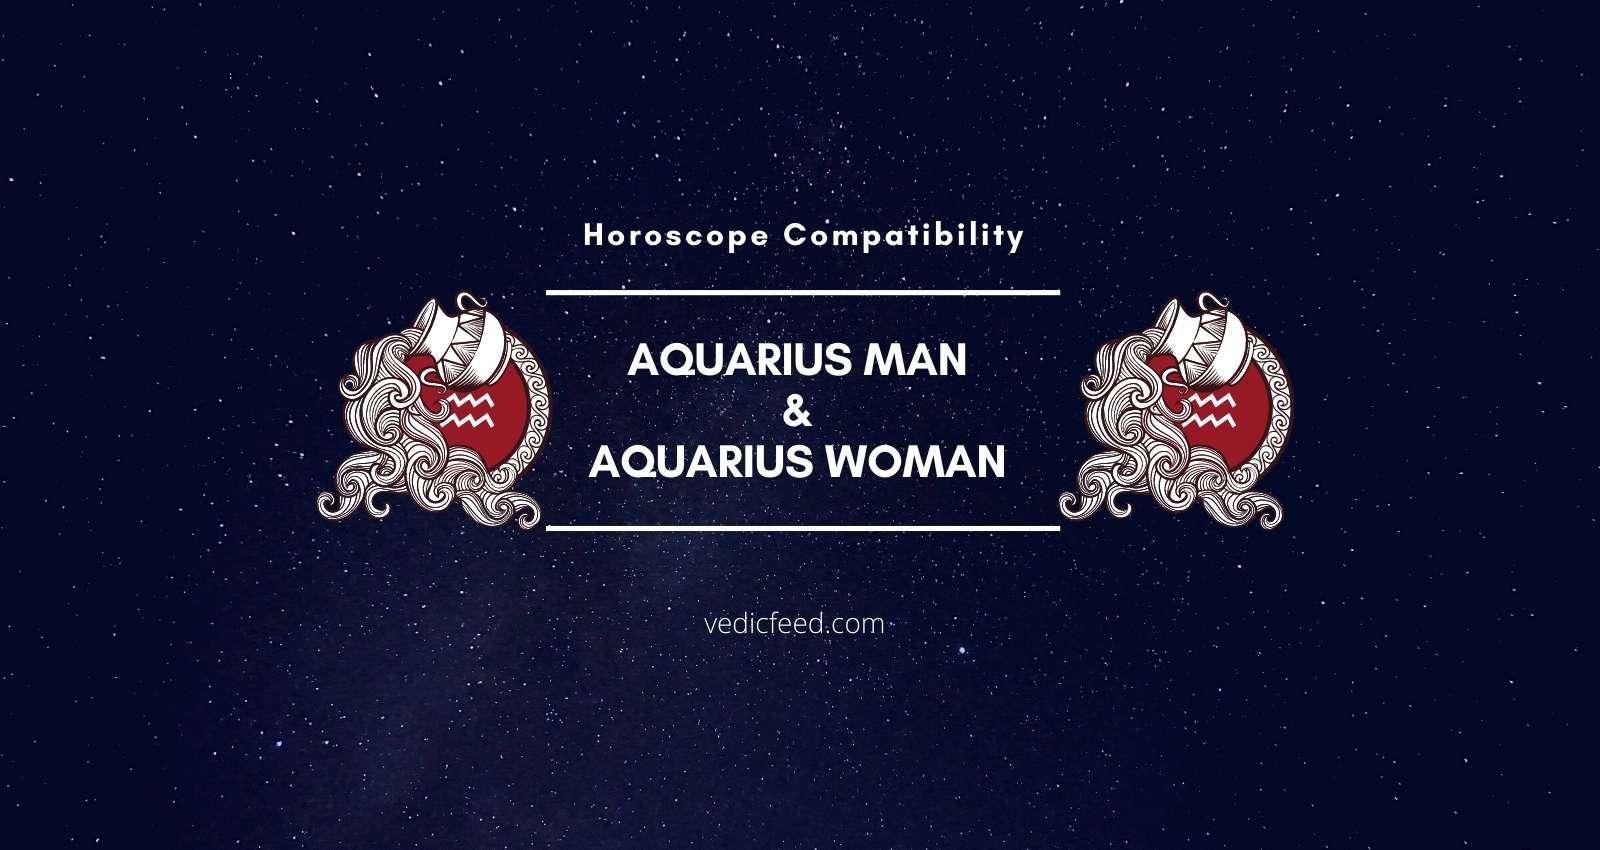 Aquarius Man and Aquarius Woman Compatibility